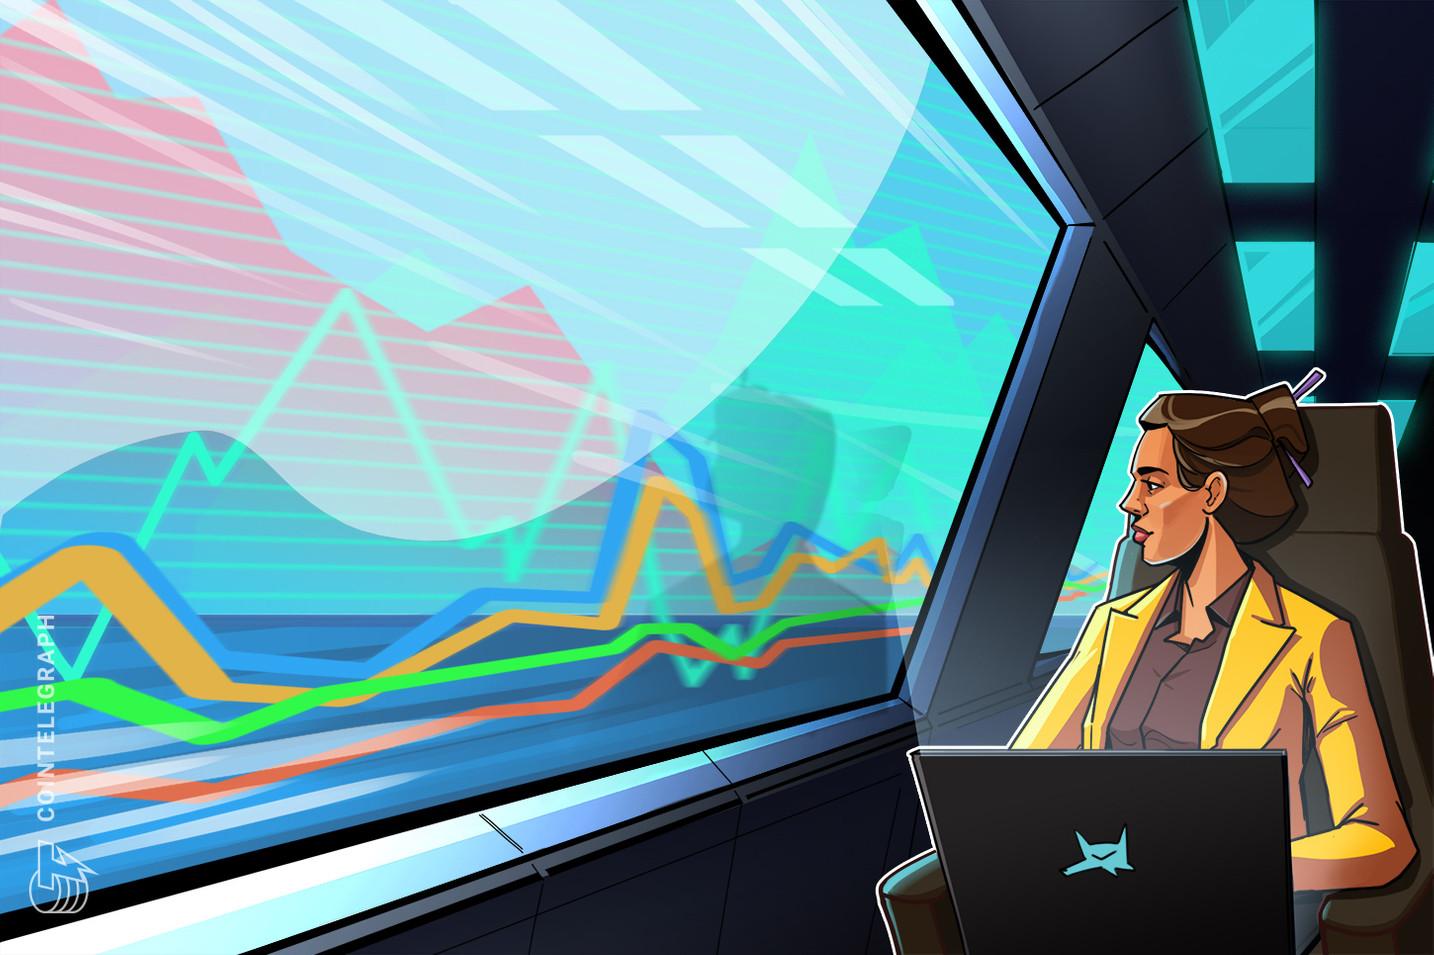 หุ้นของ Robinhood แซงหน้า Bitcoin ในความผิดพลาดระหว่างวัน ลดลงมากกว่า 10% ในตลาดก่อนกำหนด